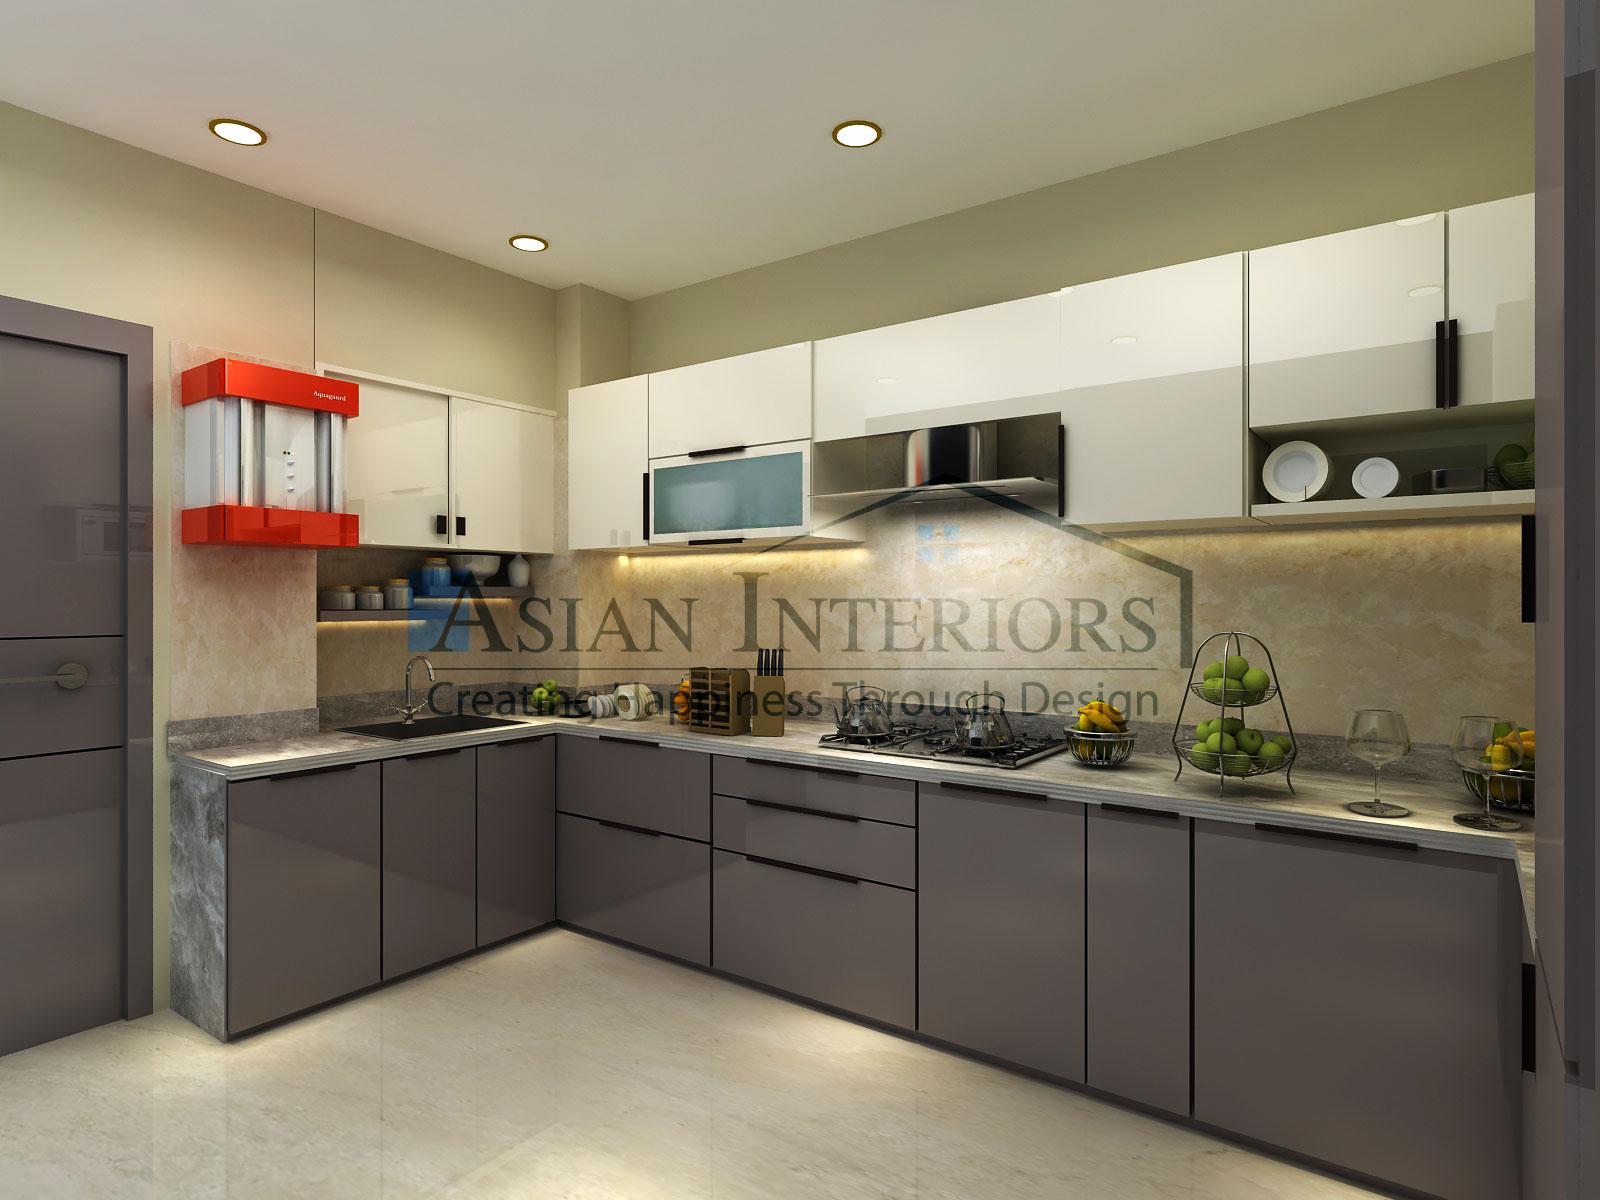 Asian-Interiors-Kitchen25